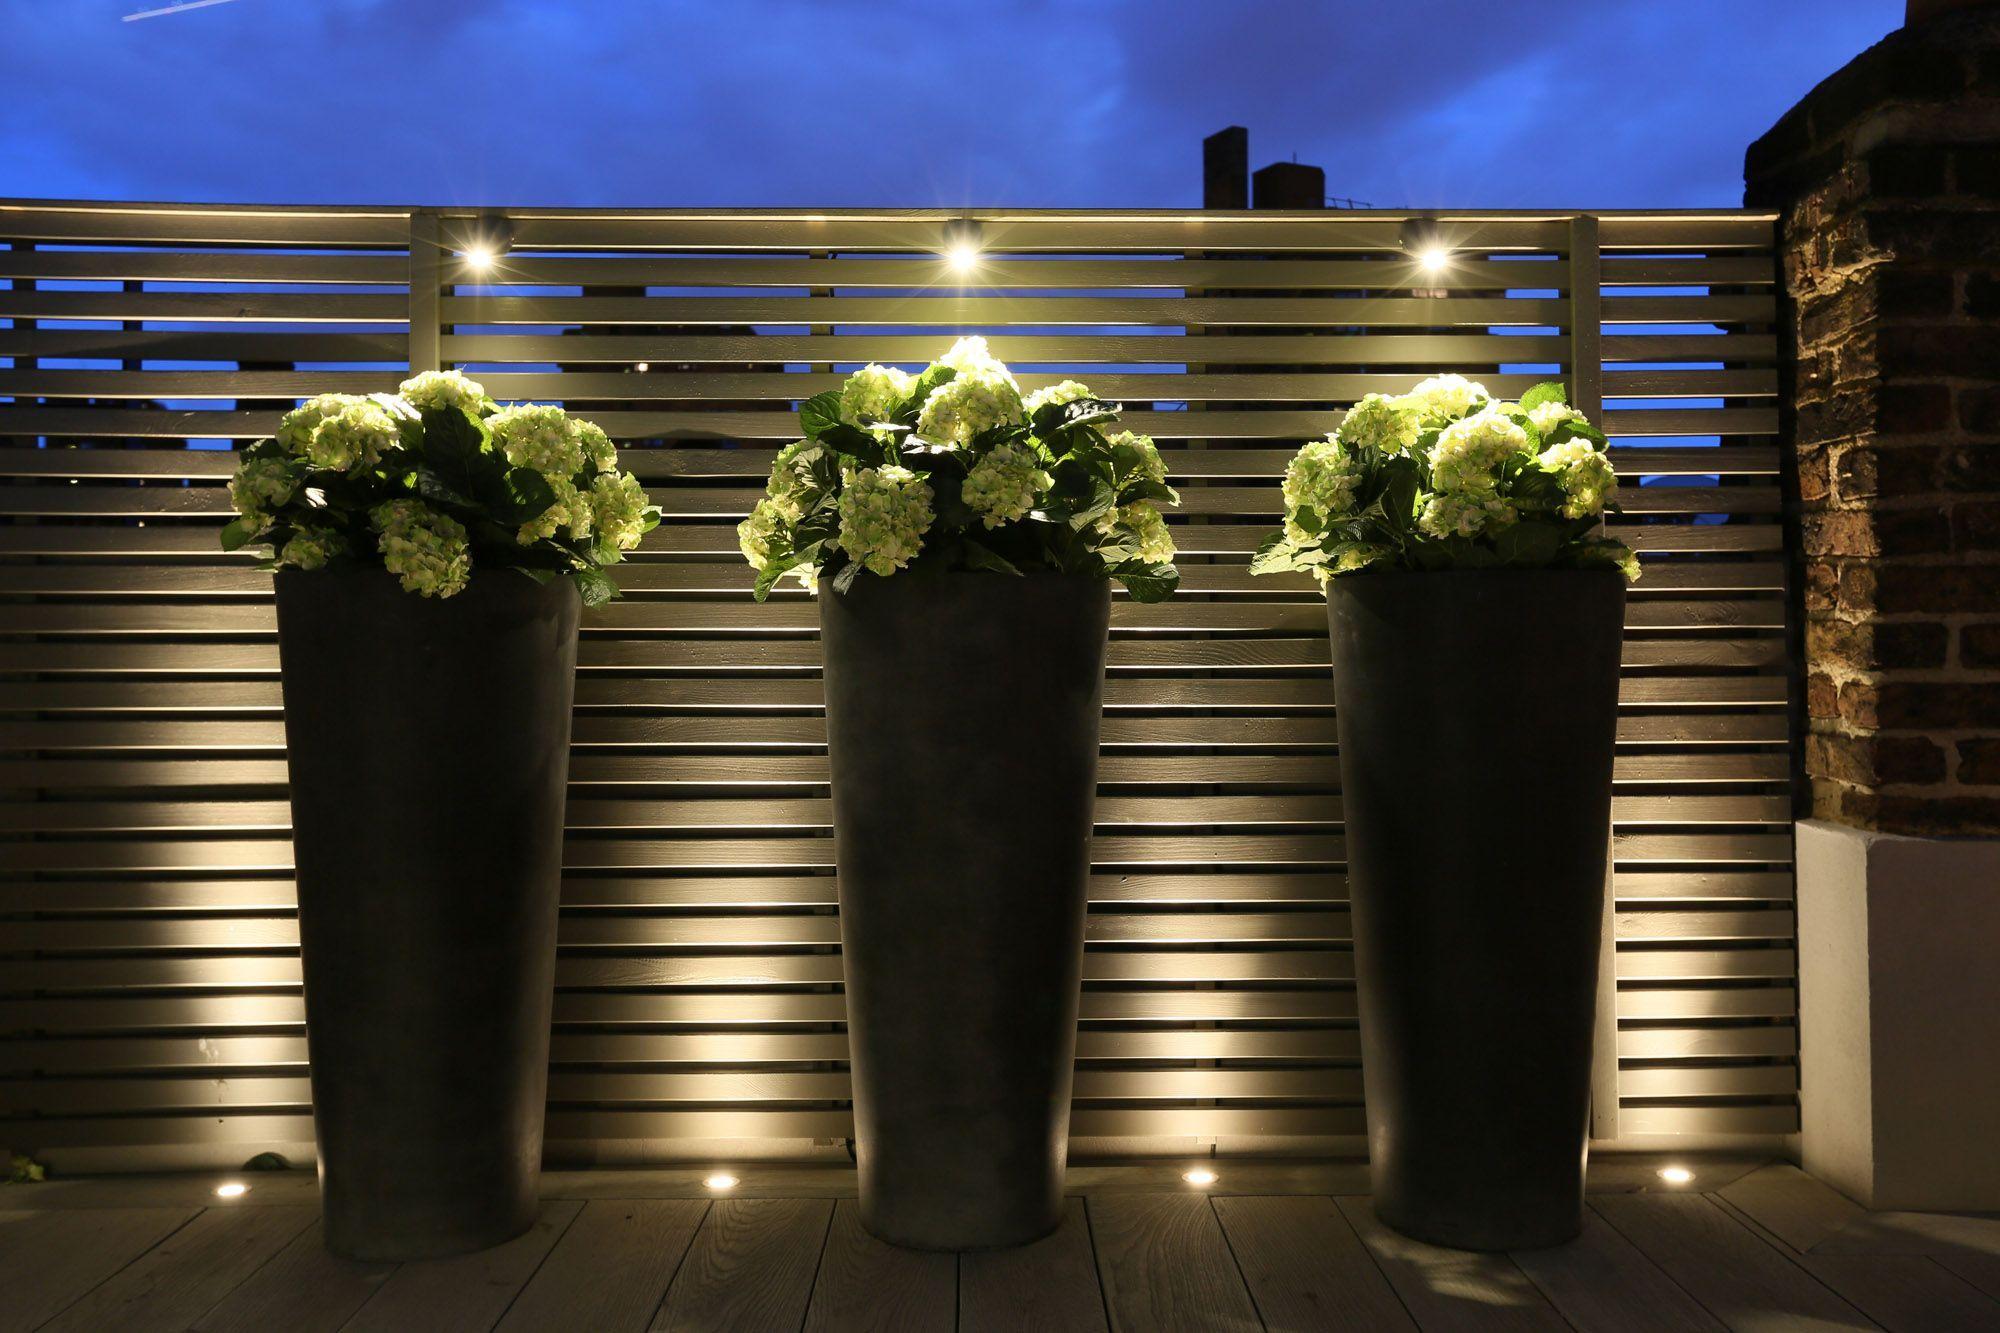 Garden Lights Uk Lighting Architectural Cullen Design Fittings John Lighting Modern Gard In 2020 Modern Garden Lighting Landscape Lighting Outdoor Lighting Kit